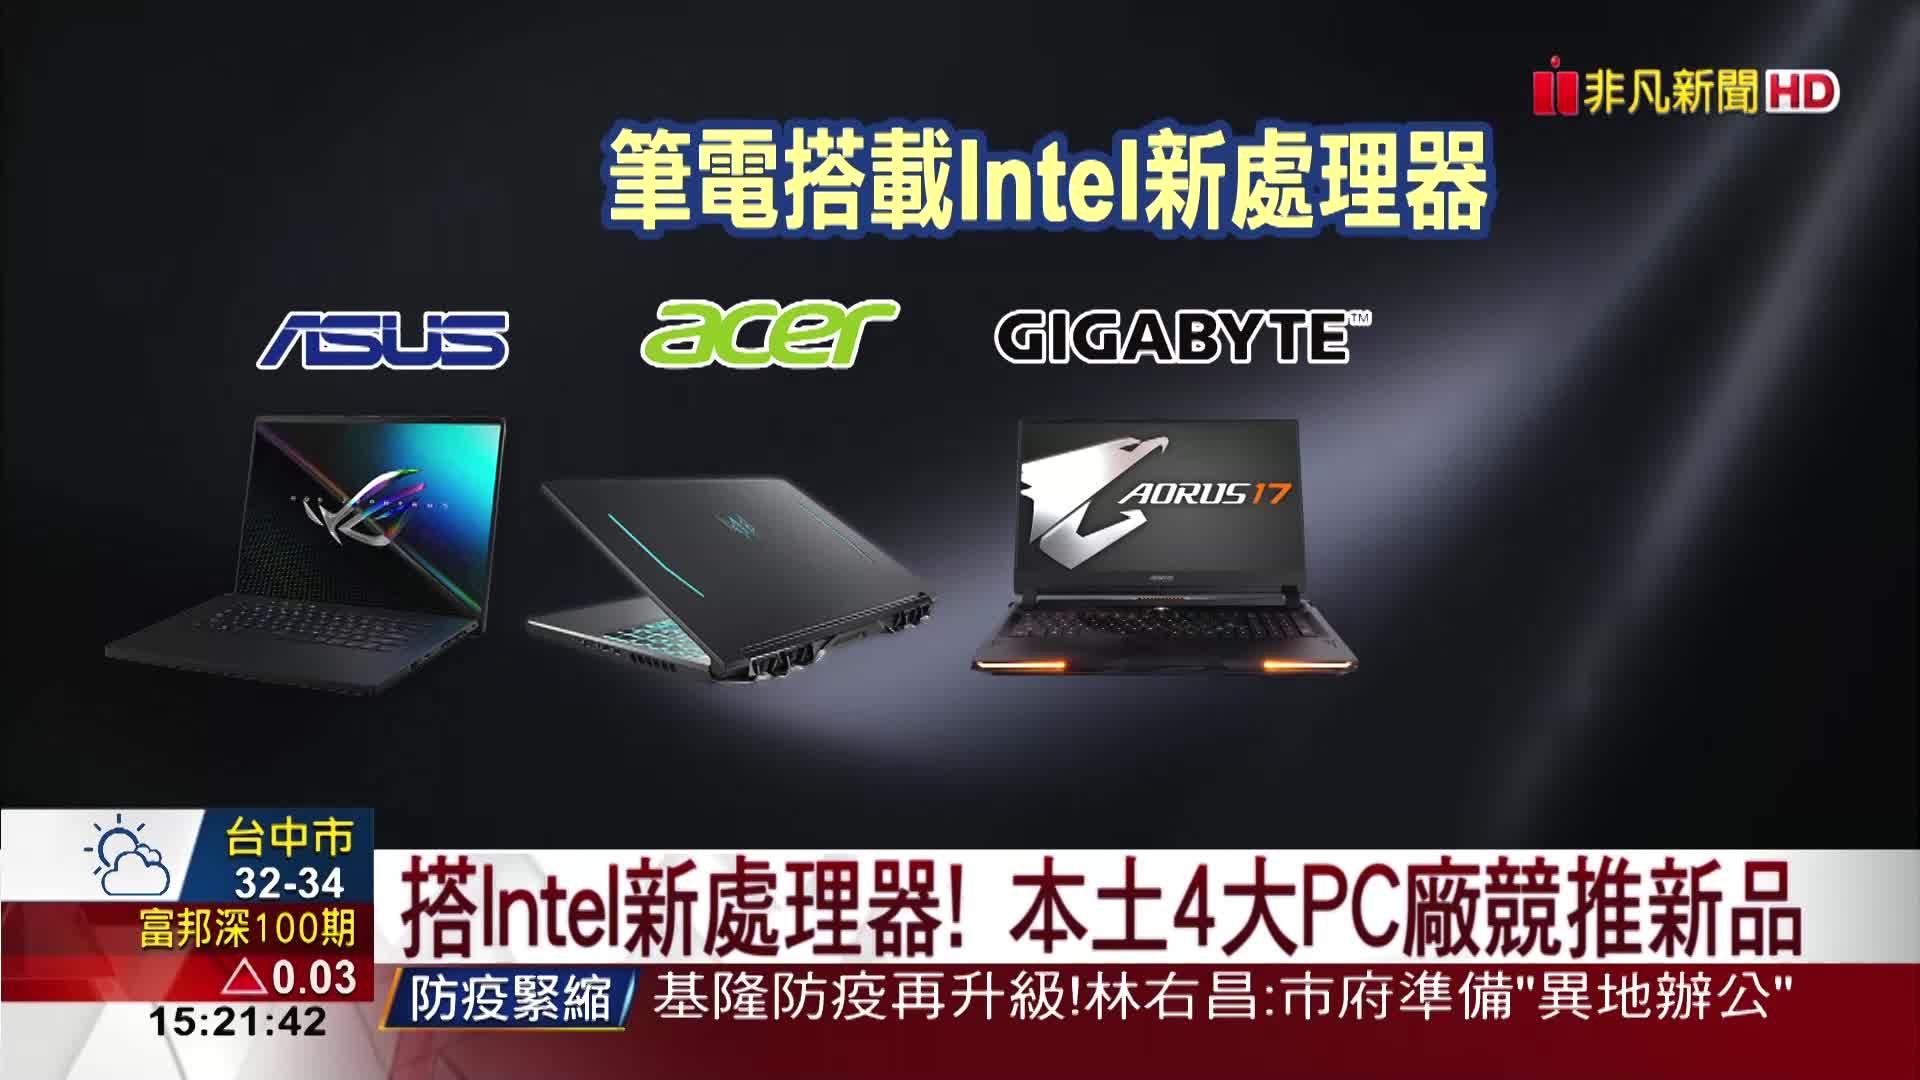 Intel啖電競財 新筆電CPU遊戲效能升21%